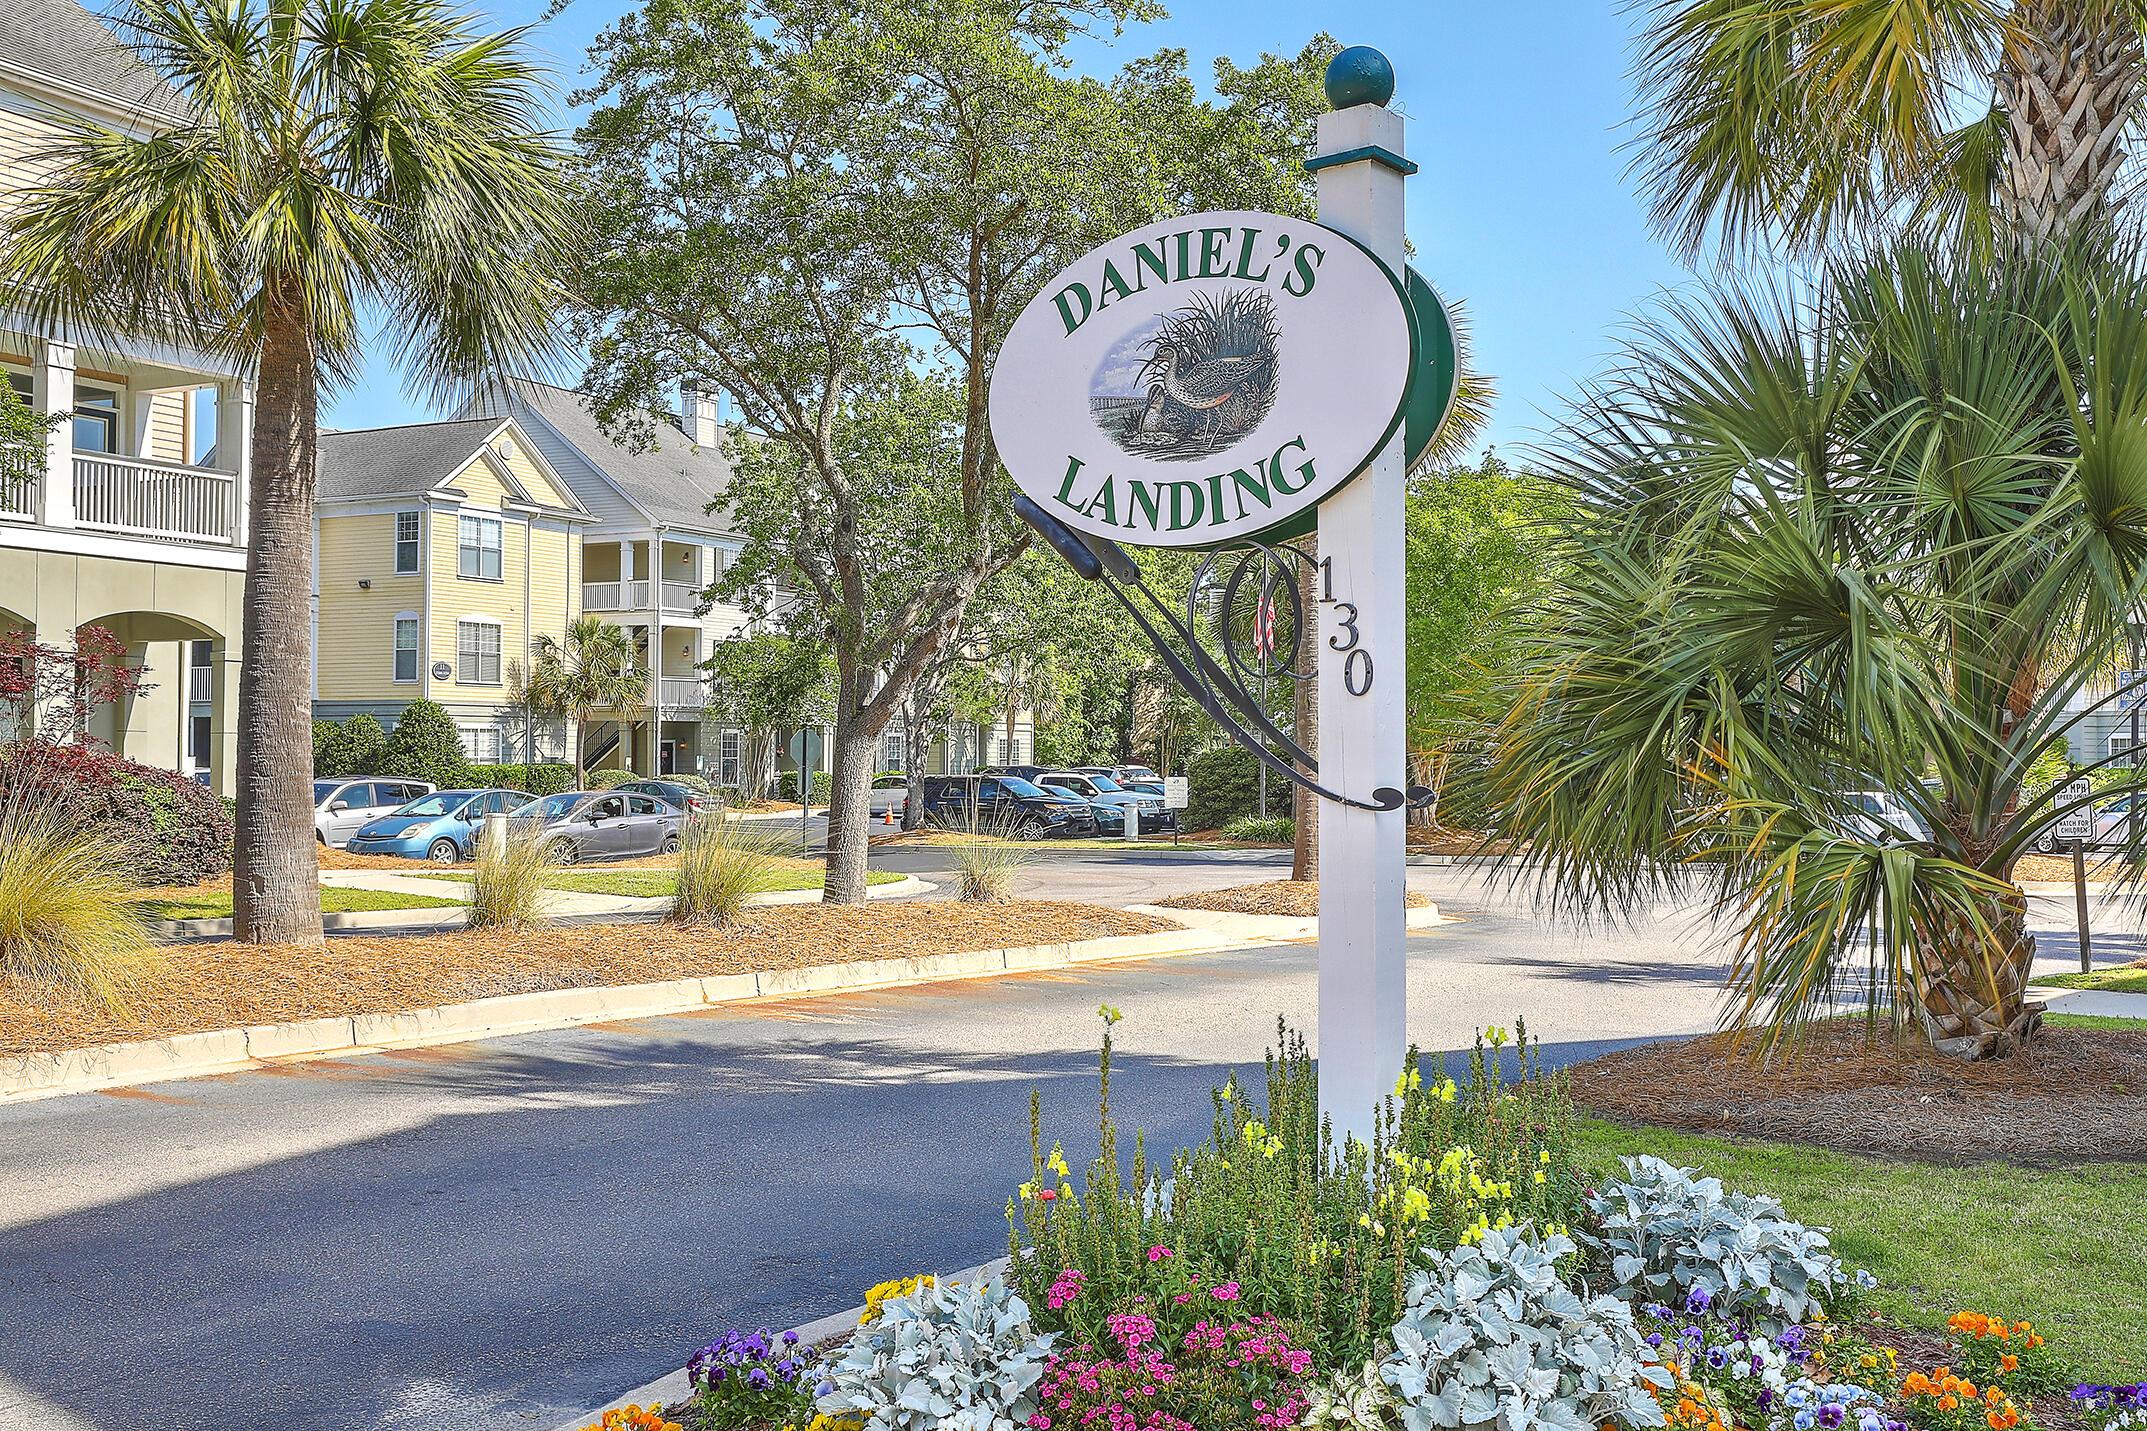 Daniels Landing Homes For Sale - 130 River Landing, Charleston, SC - 12